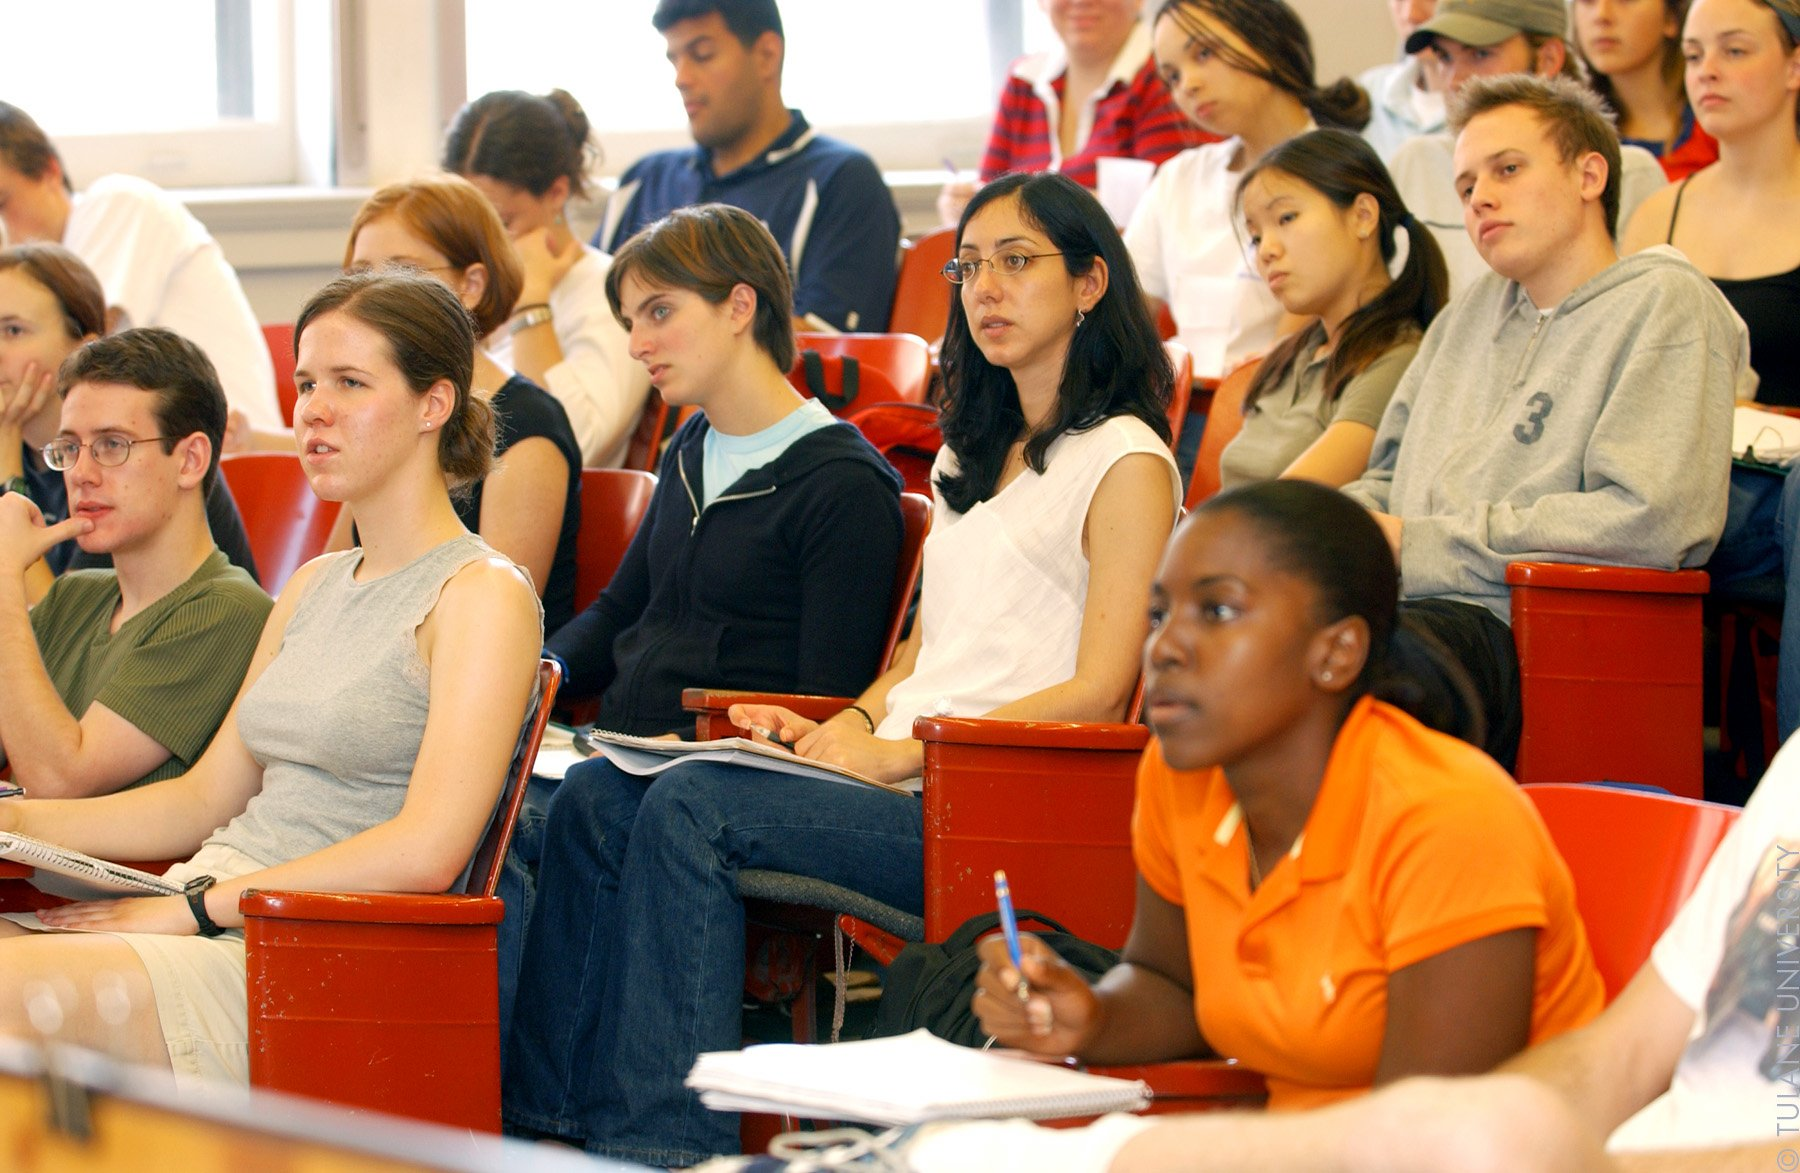 وواجبات المتدربين بموجب قانون التدريب المهني BBiG واللوائح الحرفية في قانون تشغيل الشباب...تابع معنا 14